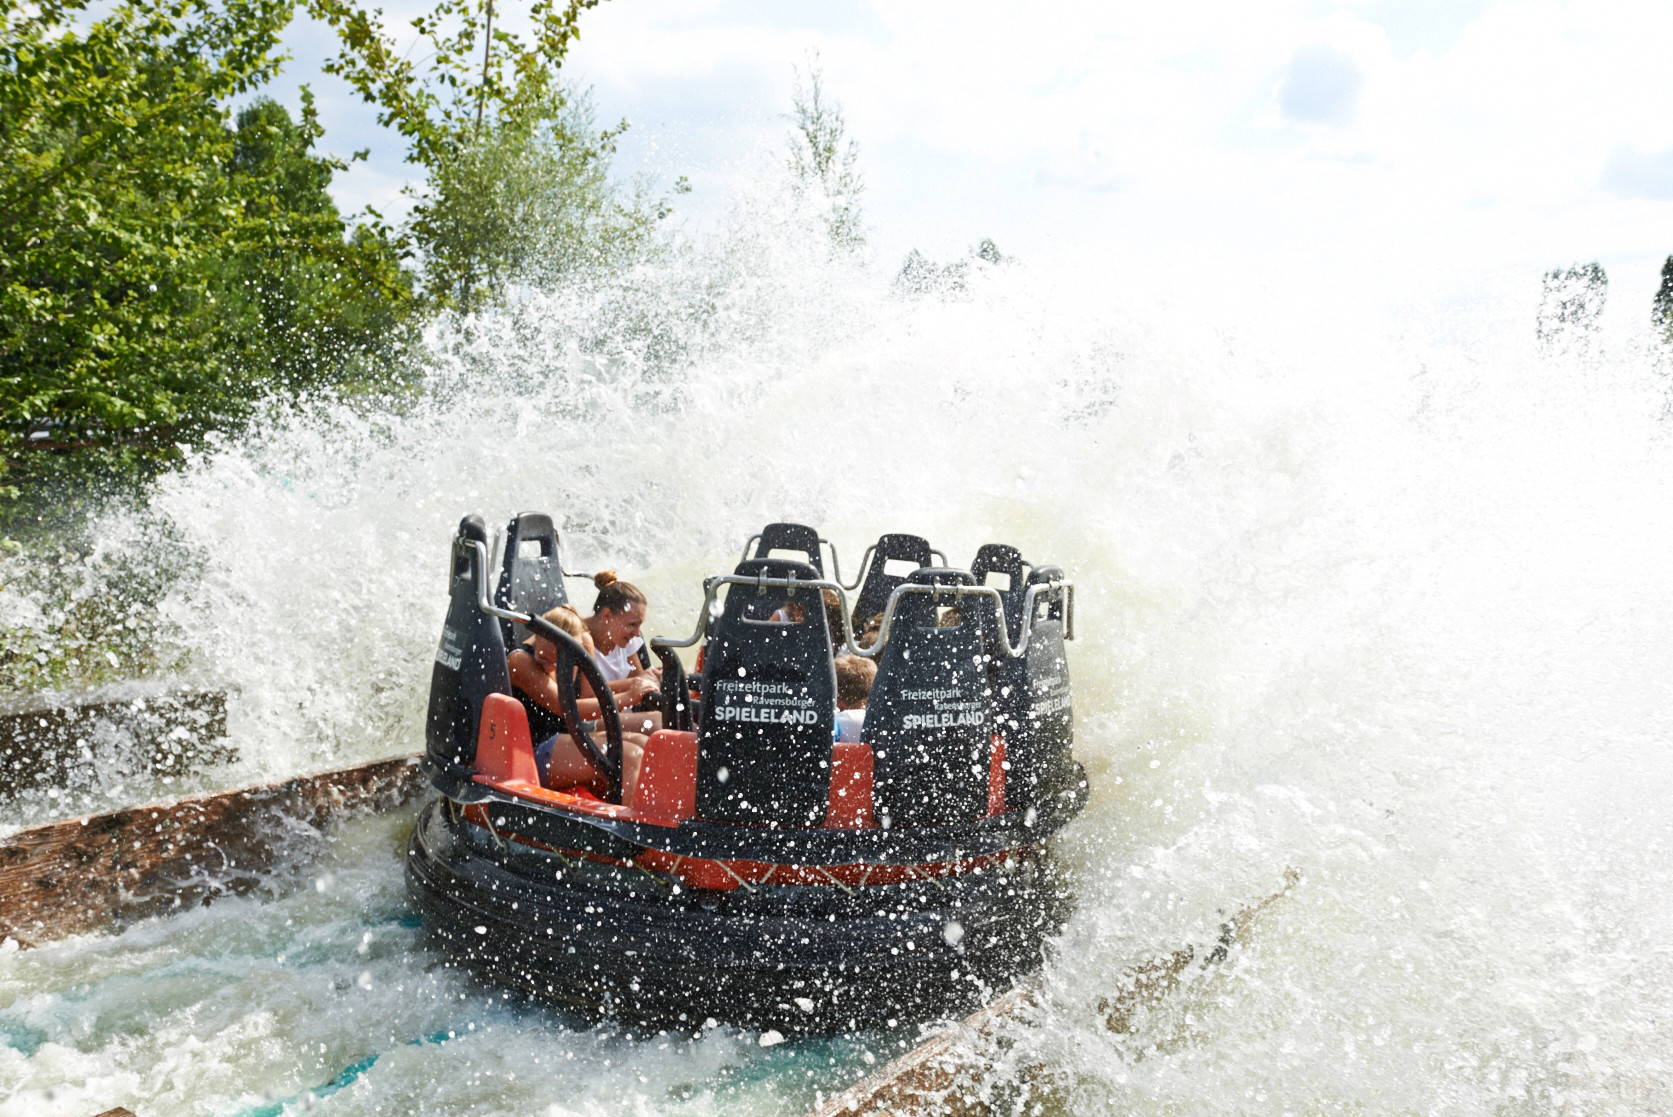 Alpin-Rafting